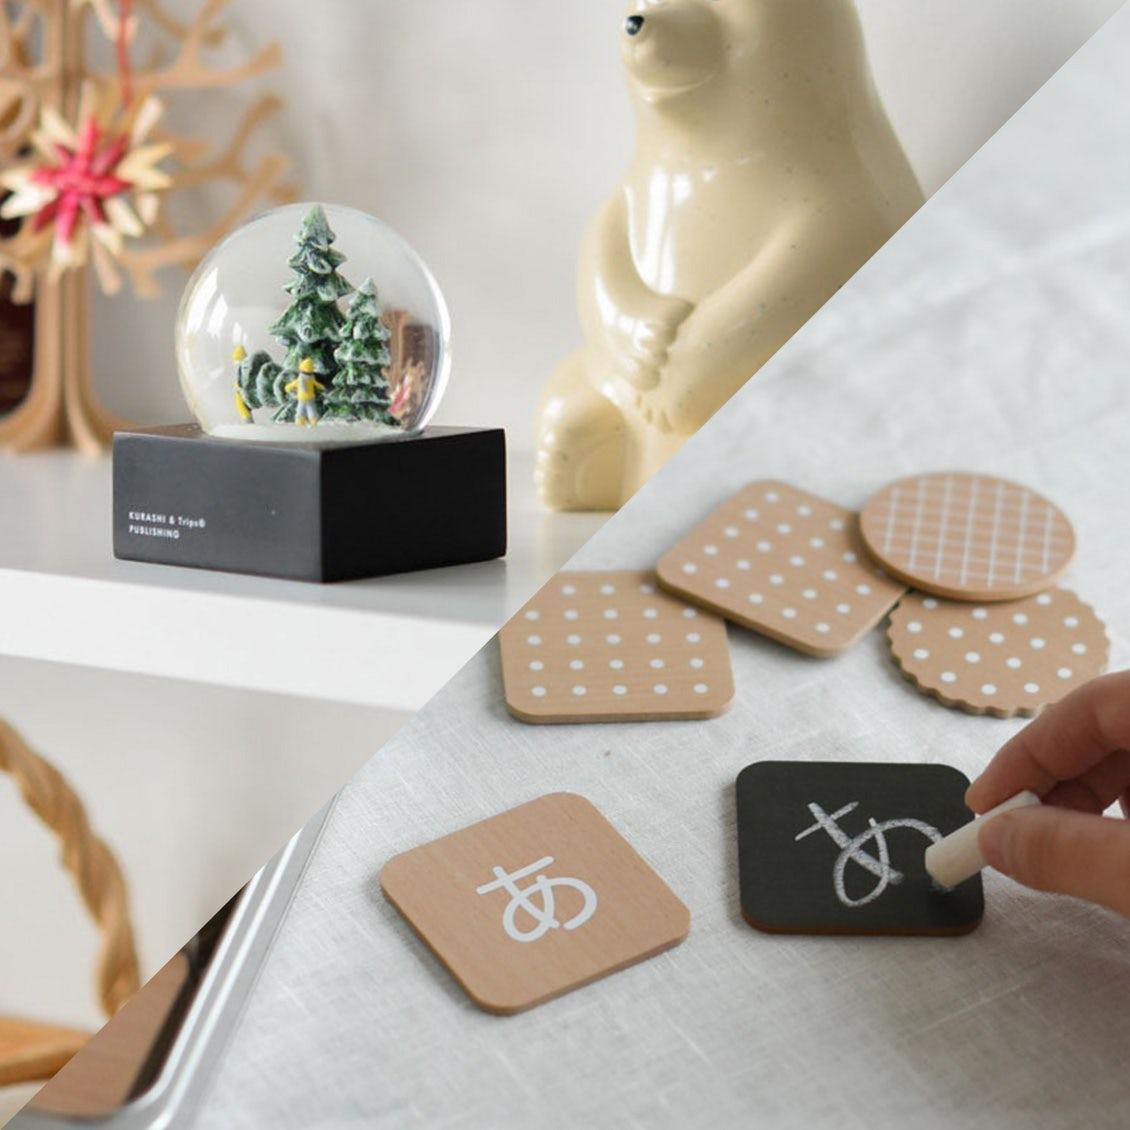 【新商品】クリスマスの贈り物に!当店オリジナル「スノードーム」とインテリアに馴染む「おもちゃ」が新登場です。